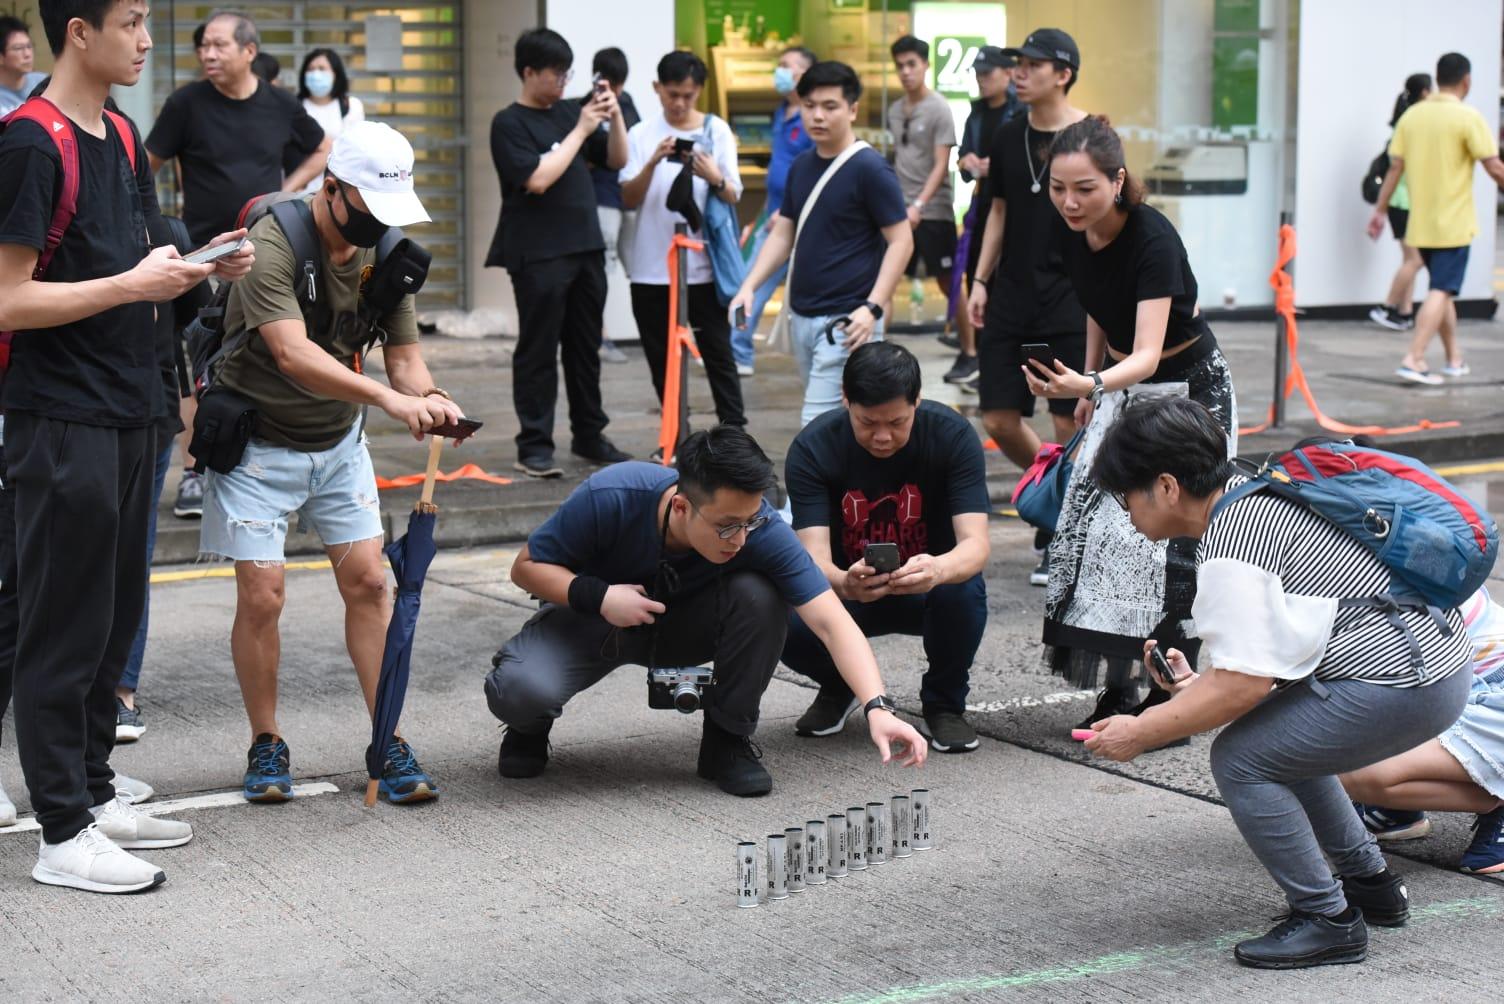 【修例风波】旺角多间中资银行遭破坏纵火 警察游乐会入口一度堵塞